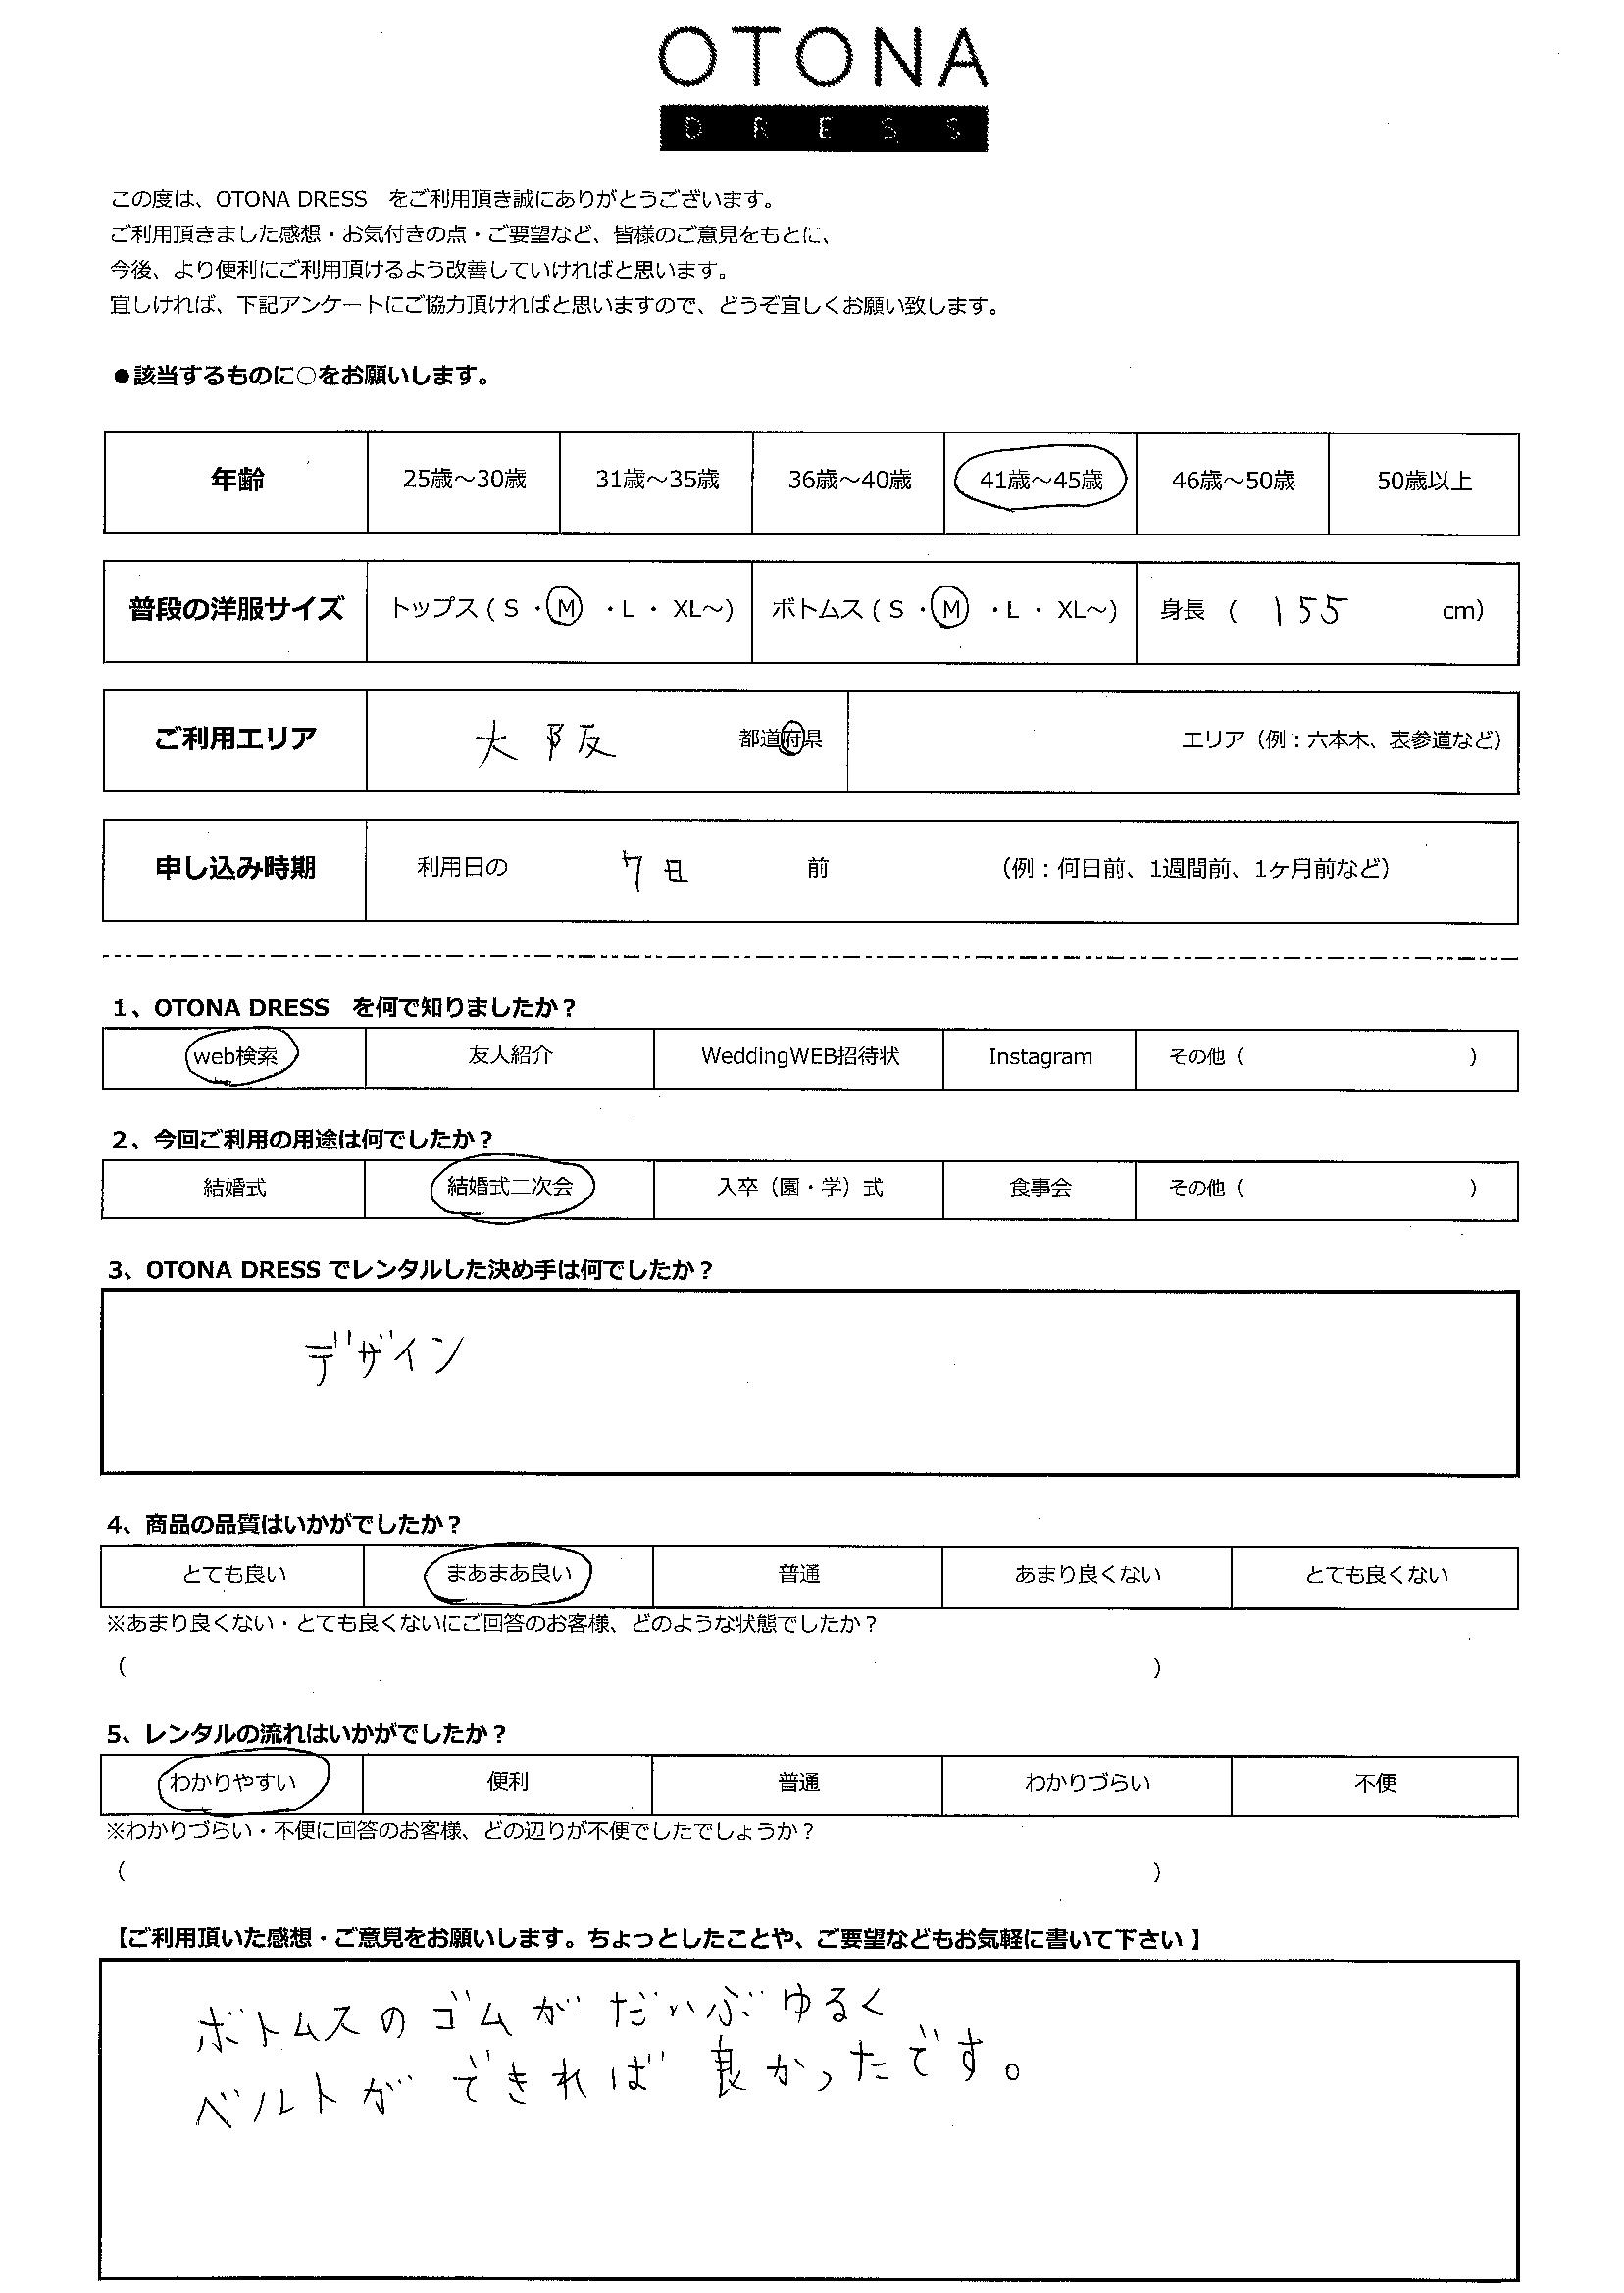 6/25結婚式二次会ご利用 大阪エリア